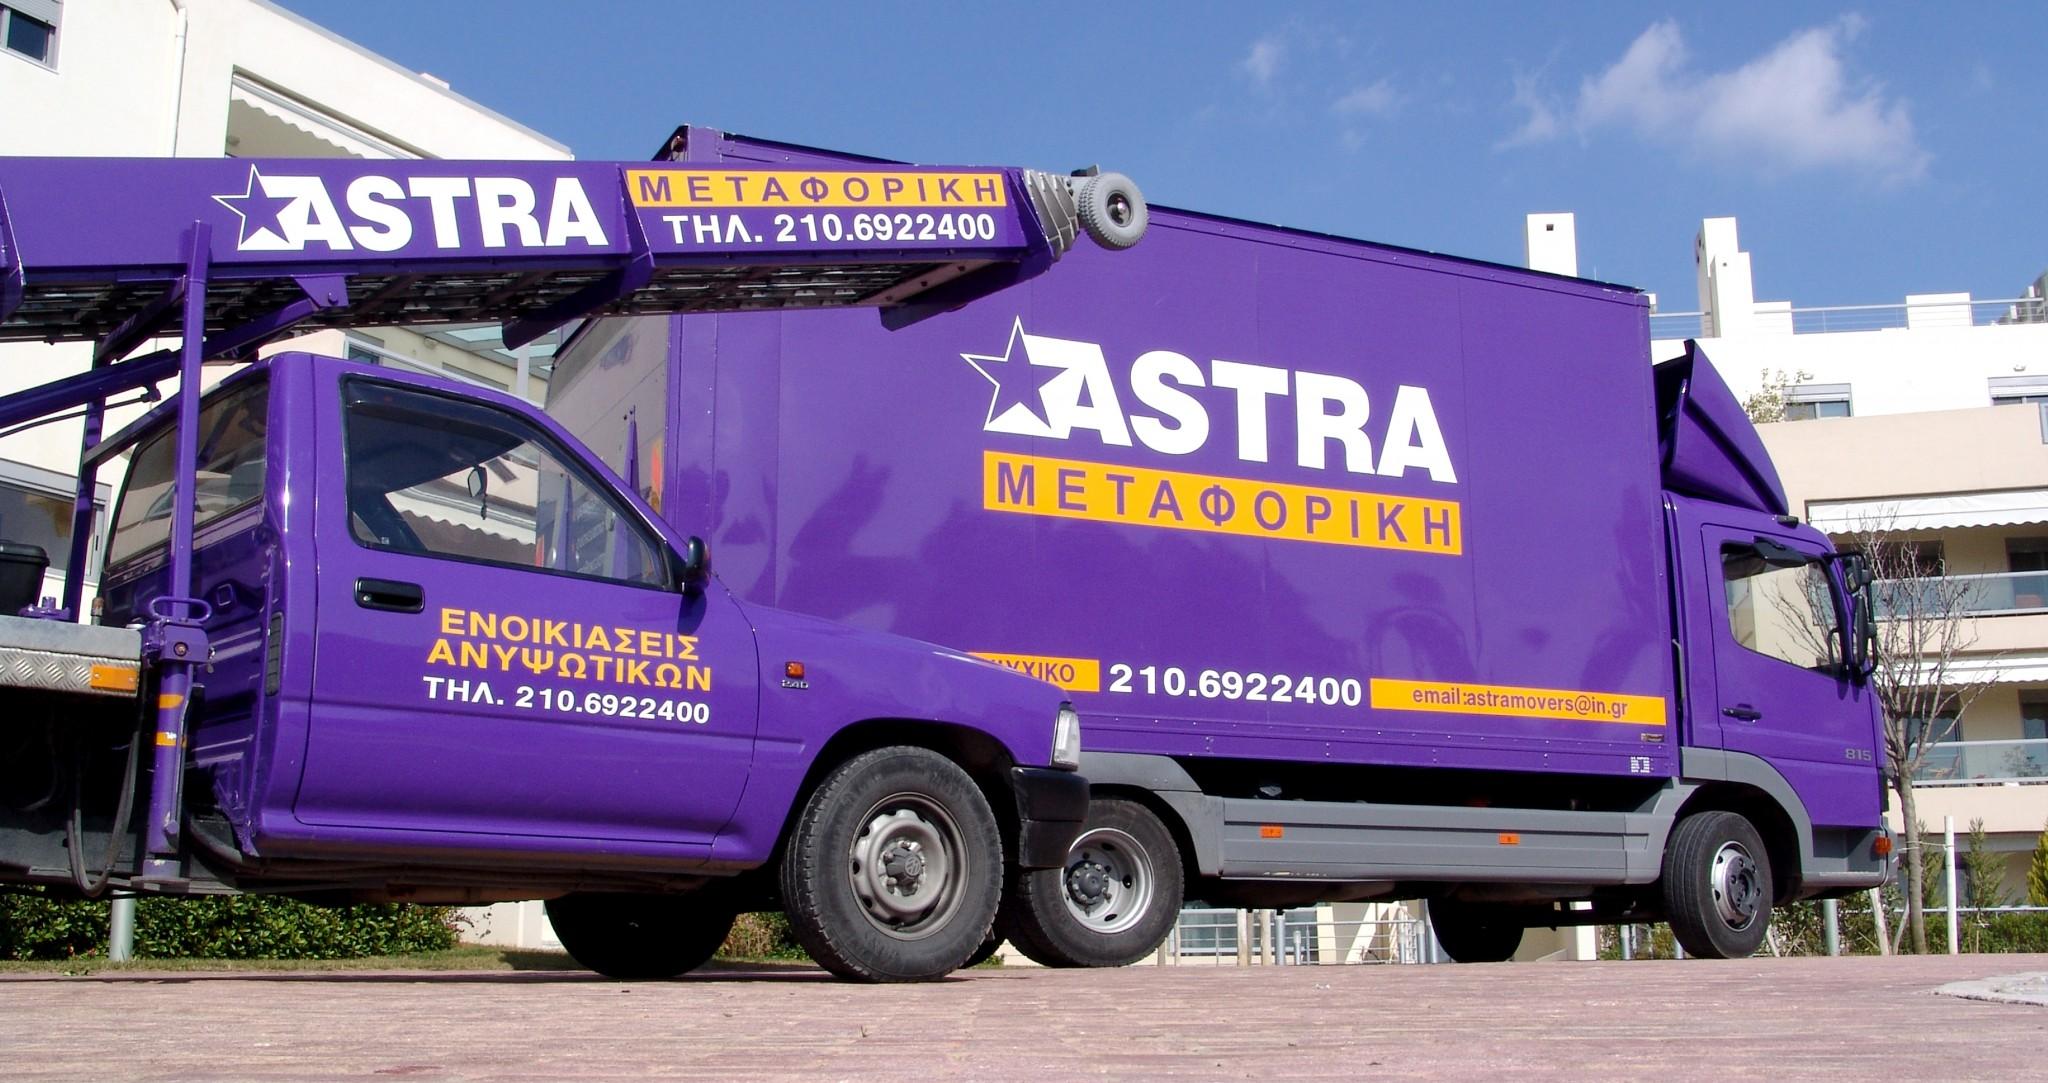 φορτηγό για τη μεταφορά πολύτιμων αντικειμένων